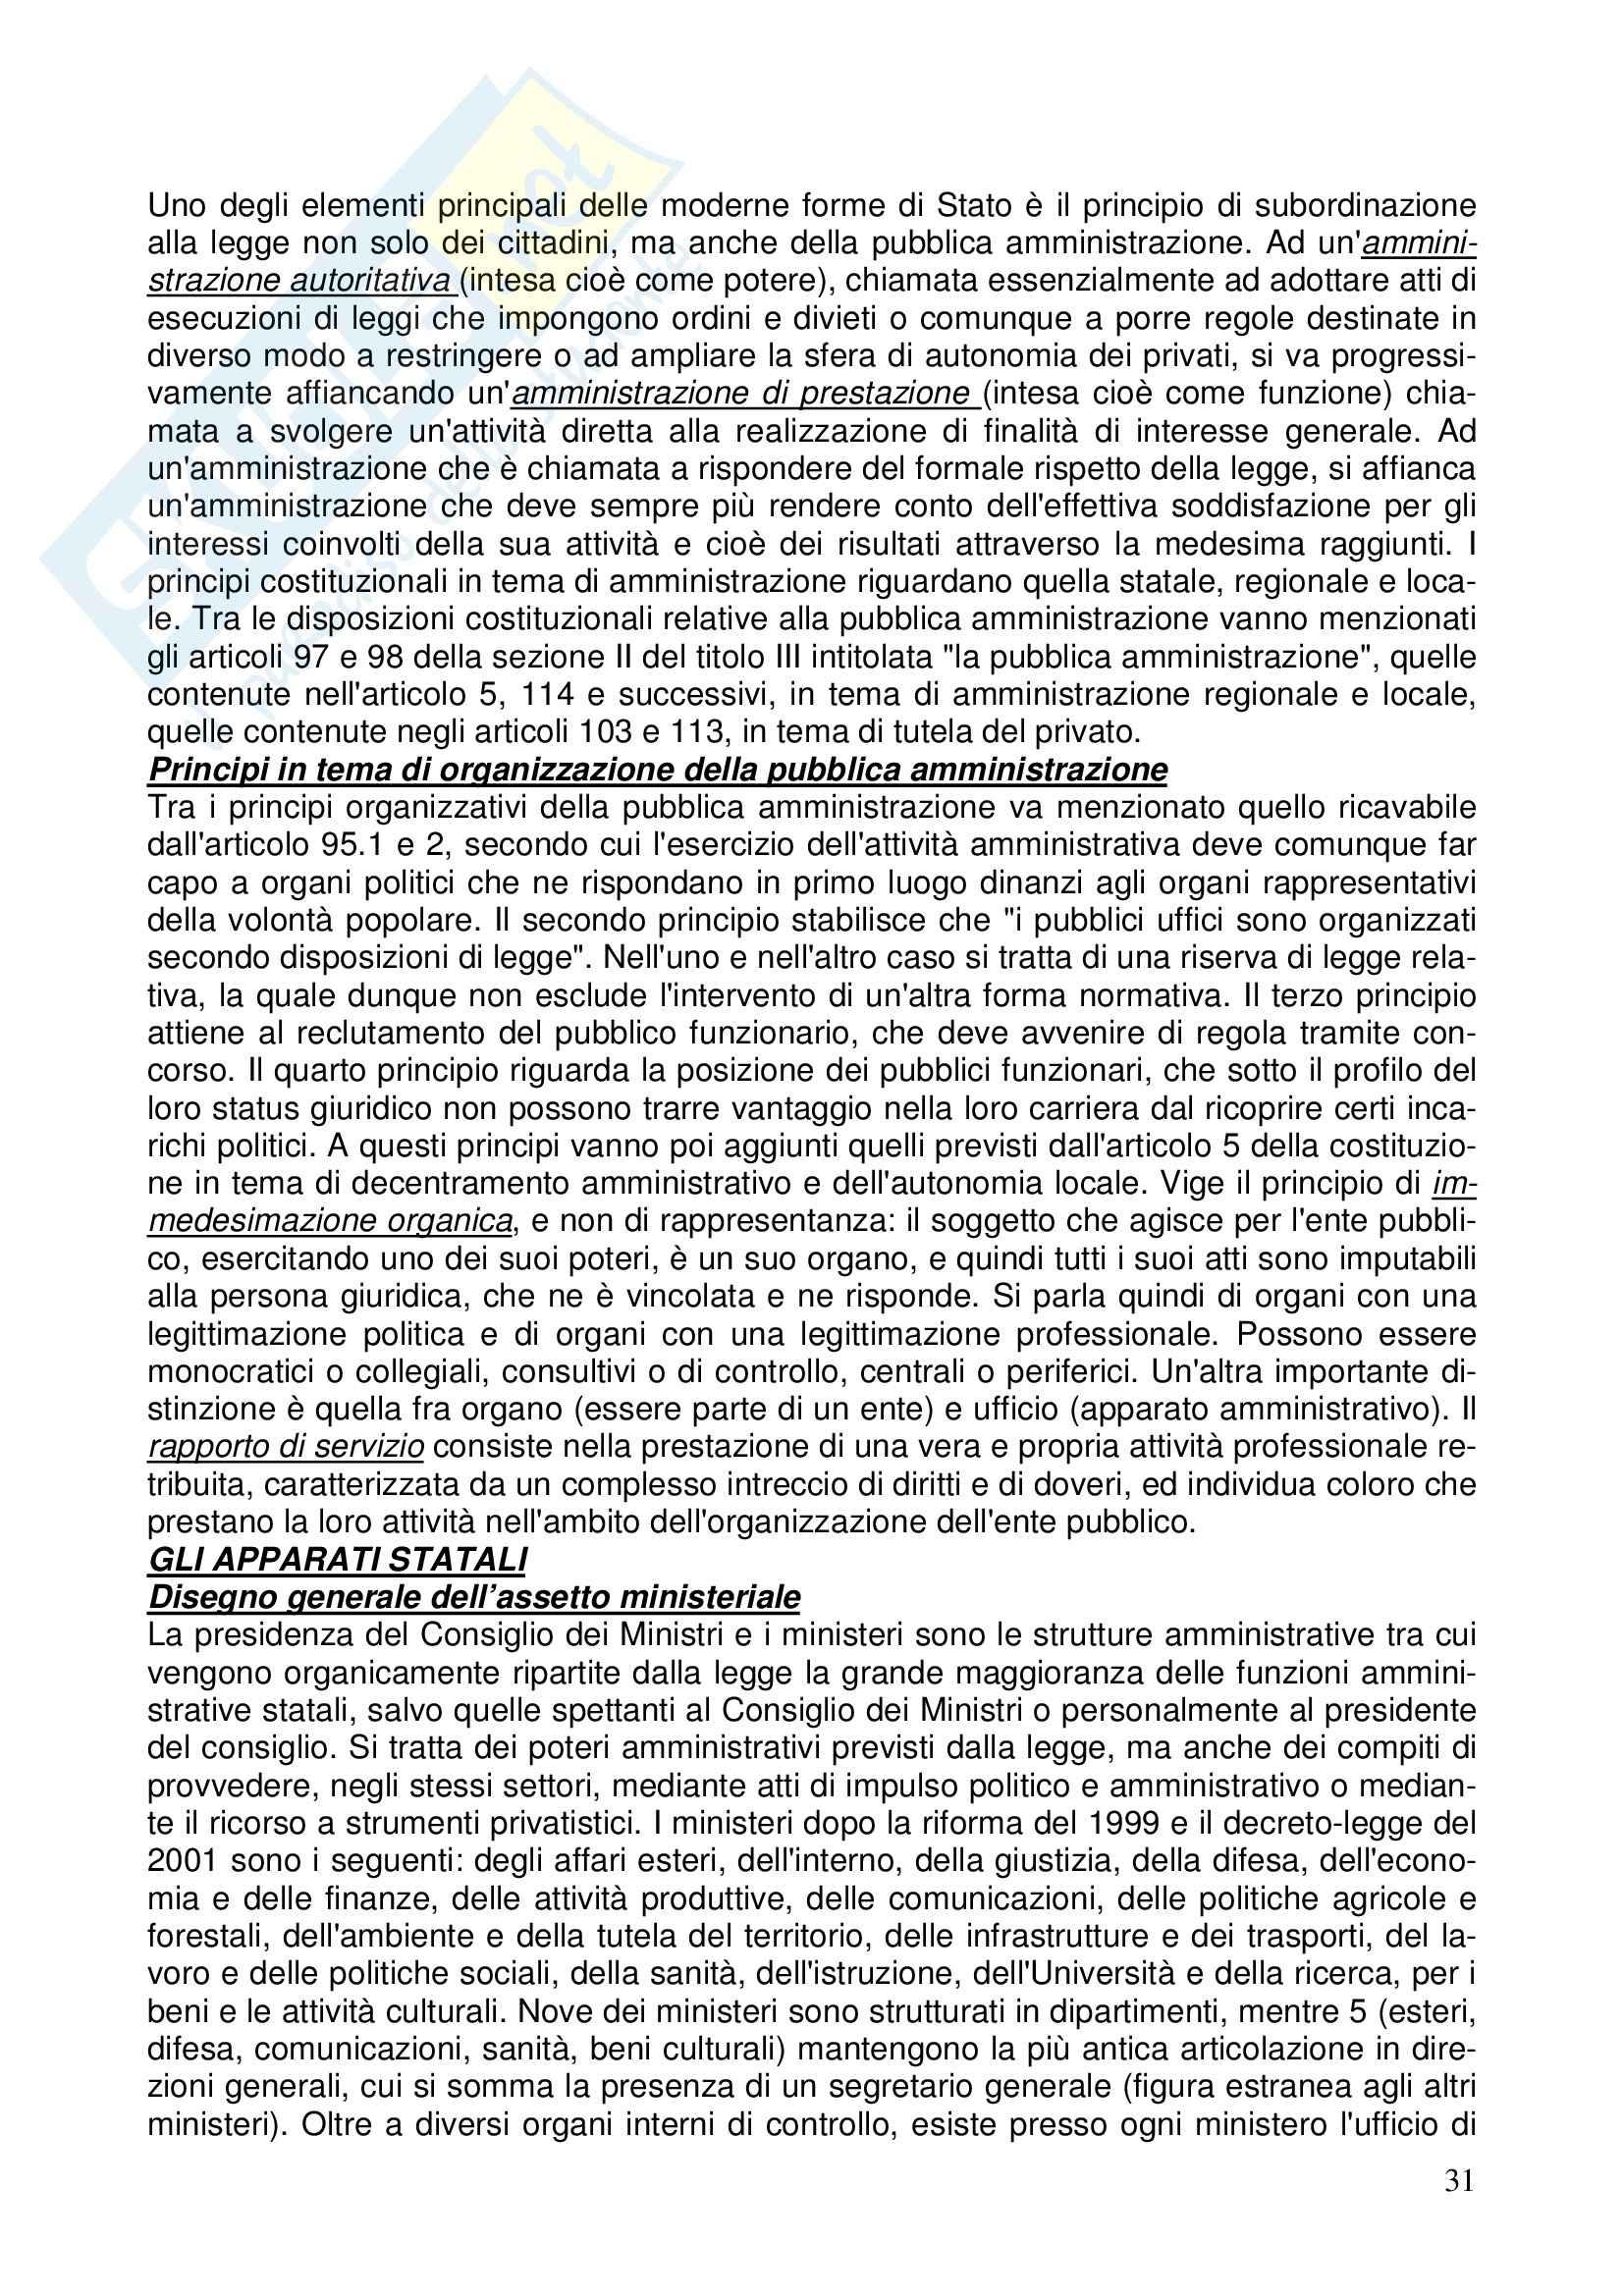 Diritto costituzionale - Riassunto esame, prof. Girelli Pag. 31